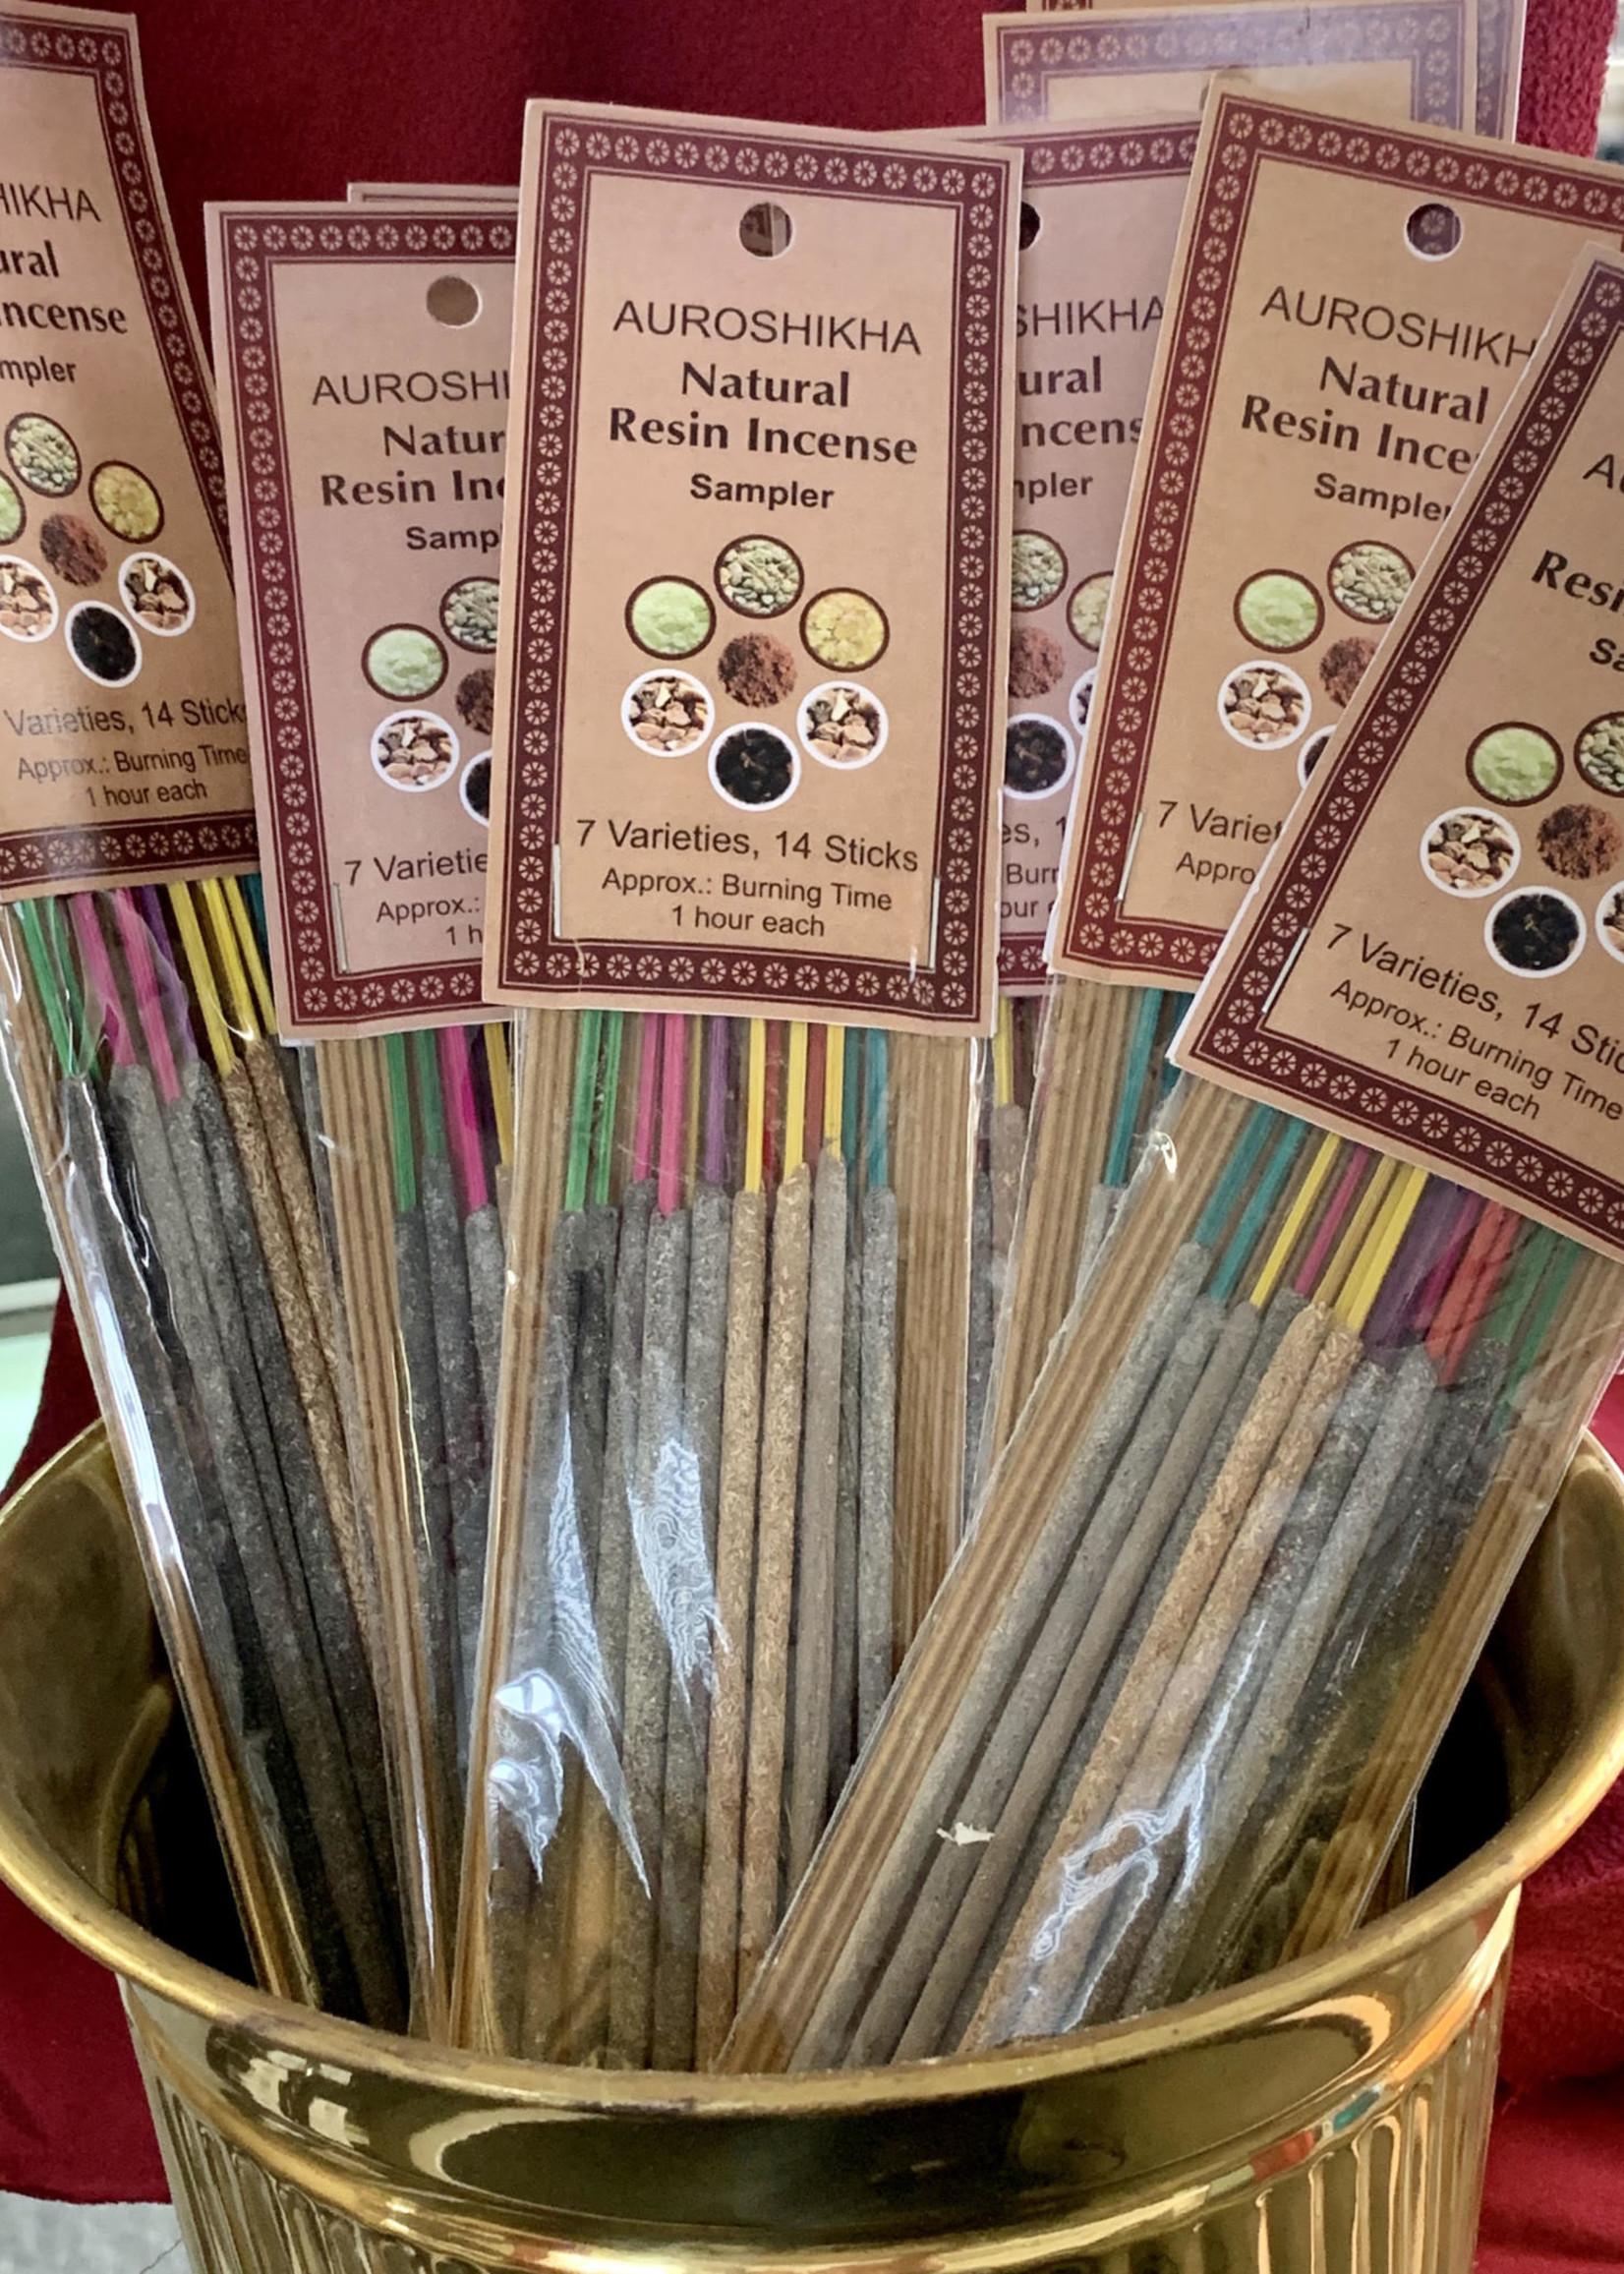 Auroshinkha Auroshinkha Natural Resin Incense Sampler